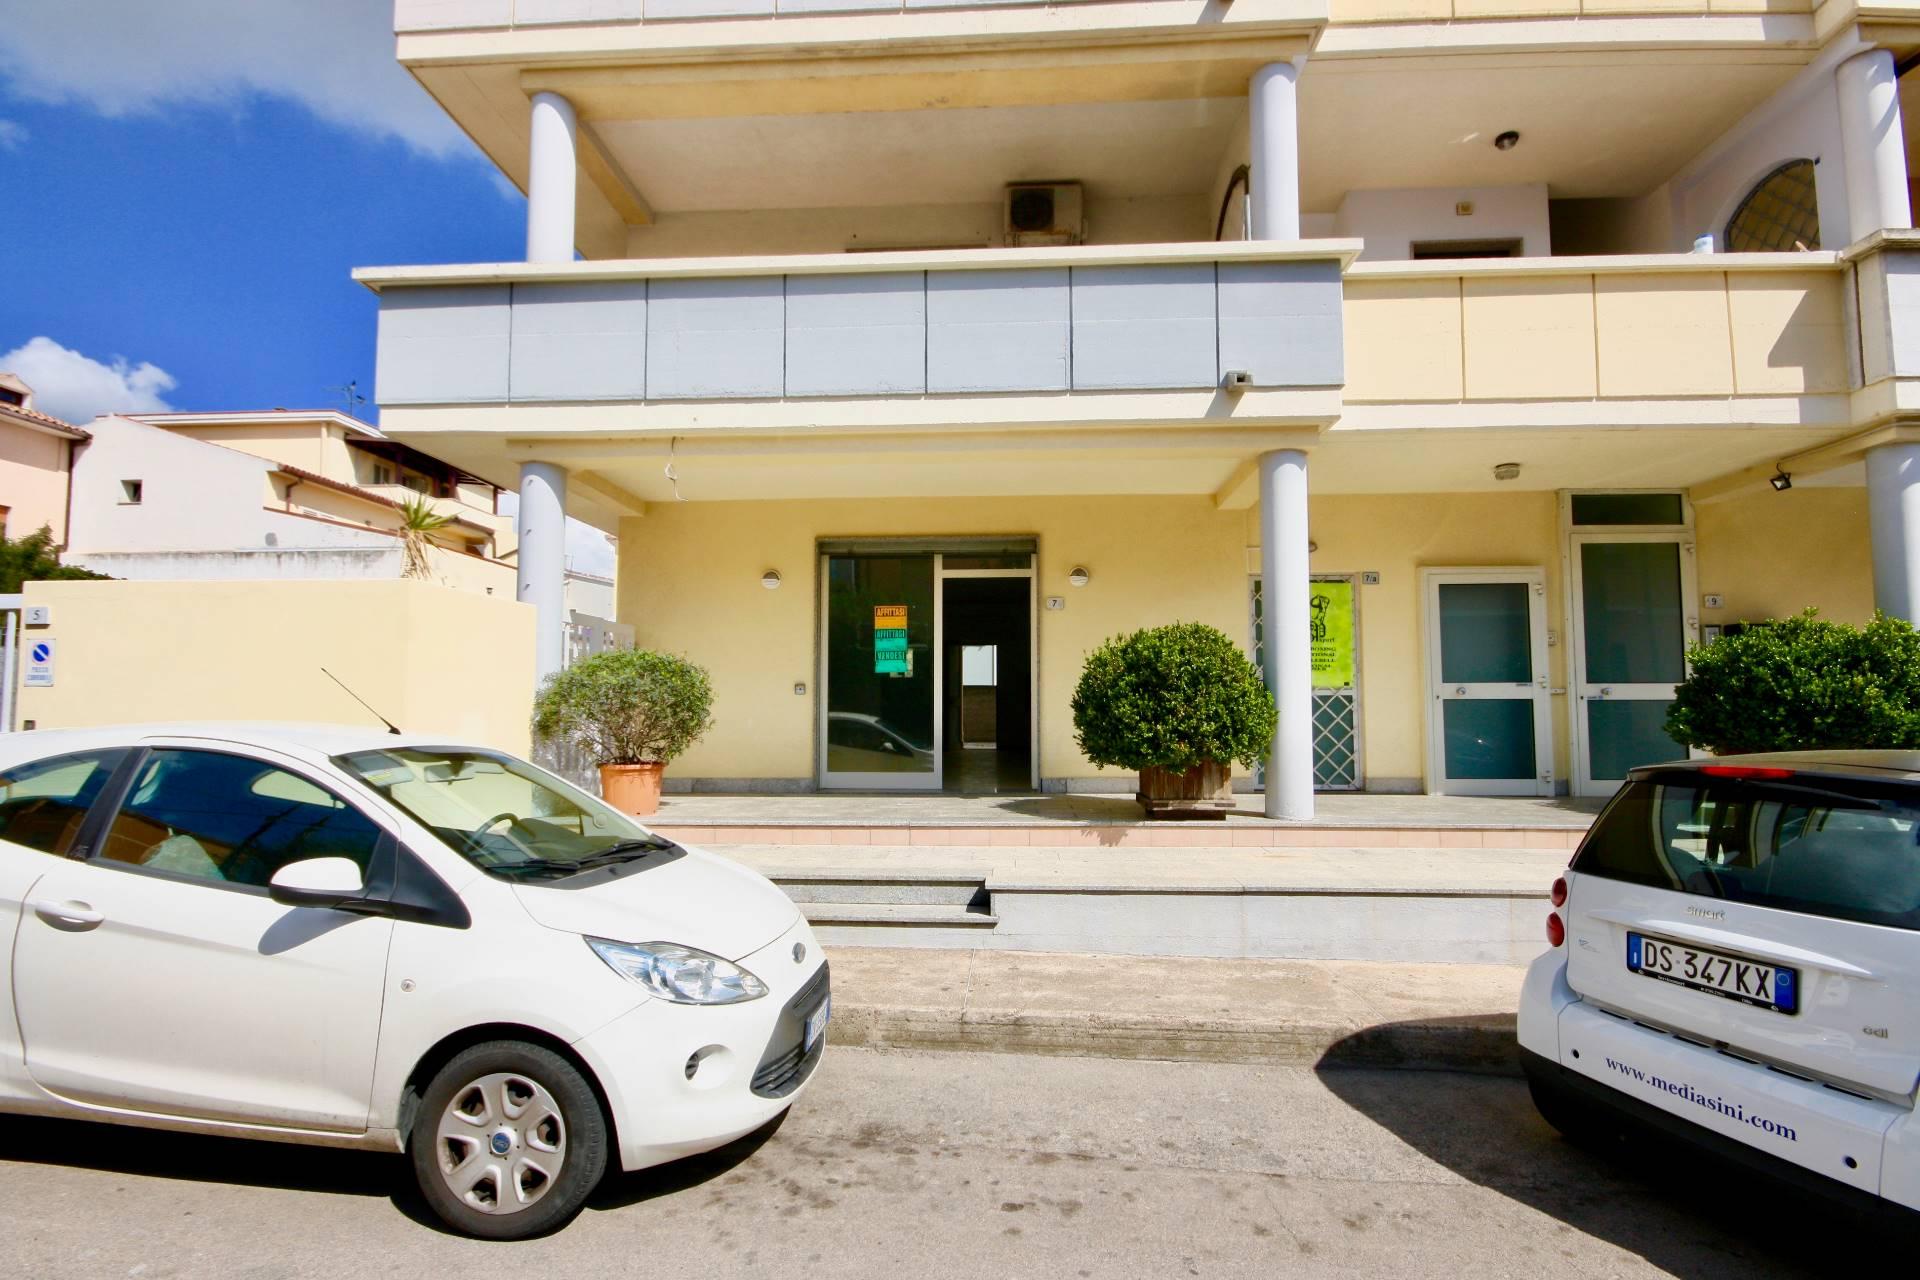 Negozio / Locale in affitto a Olbia - Porto Rotondo, 9999 locali, zona Località: Olbiacittà, prezzo € 800 | CambioCasa.it